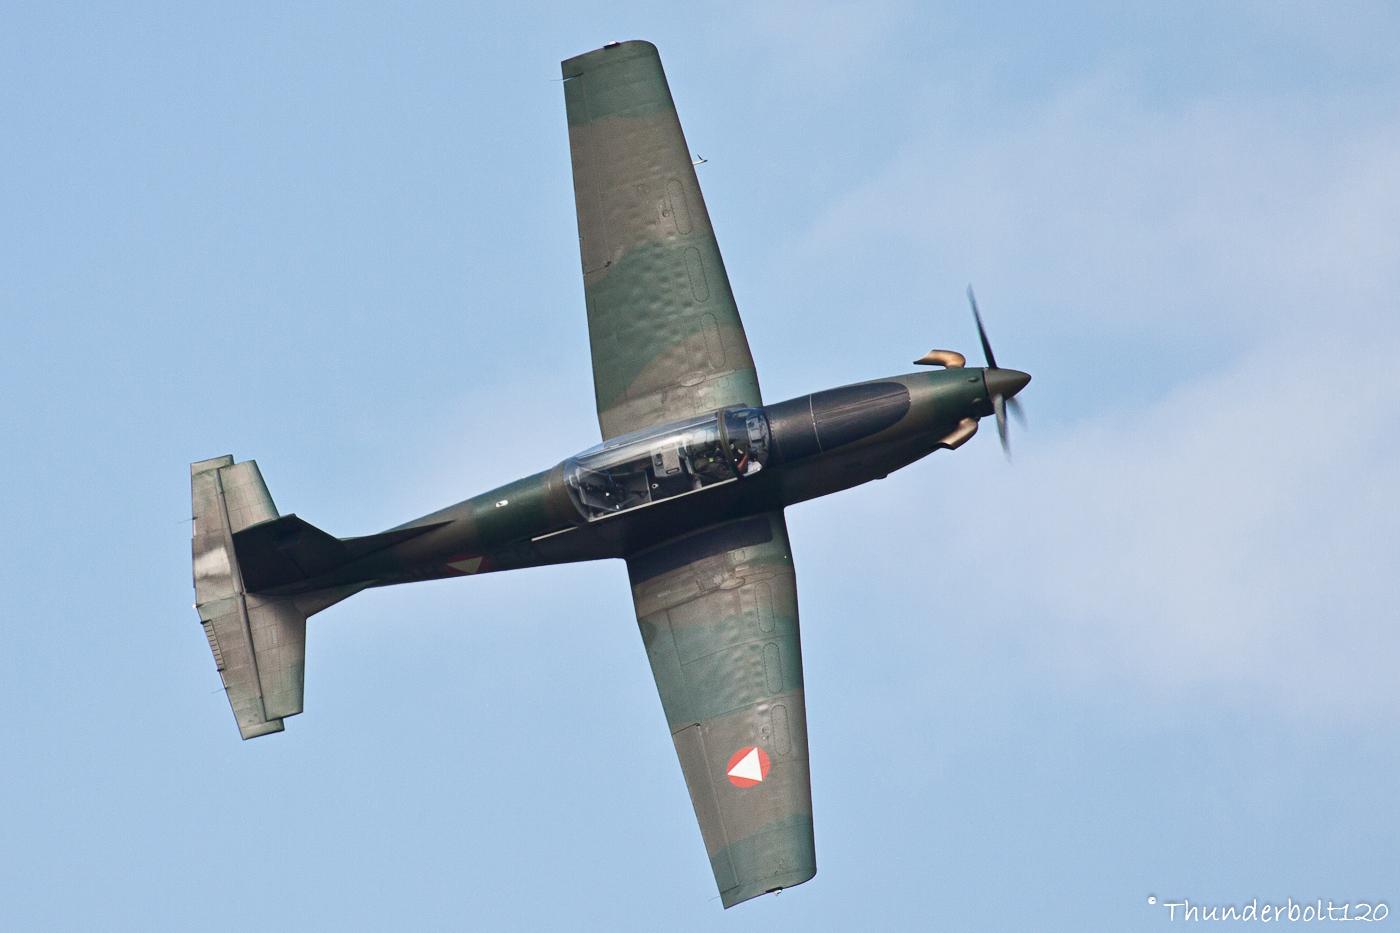 Pilatus PC-7 3H-FM